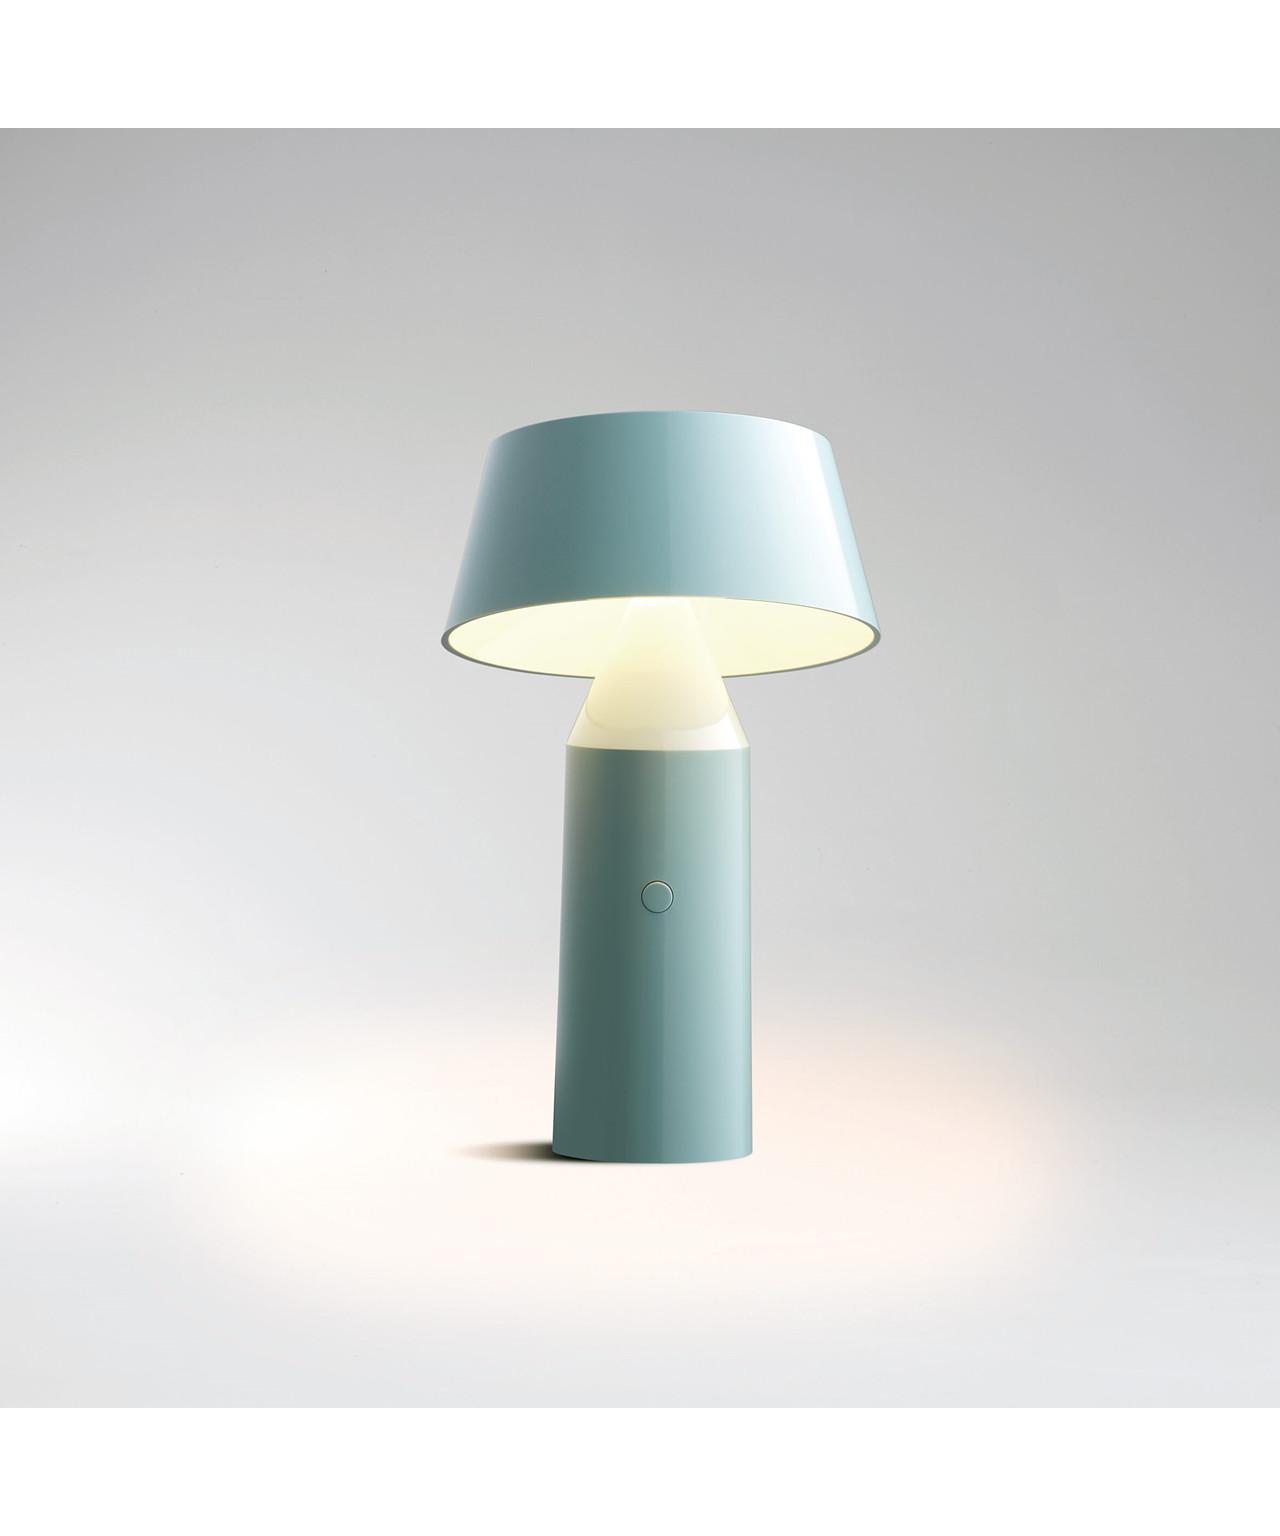 Bicoca Tischleuchte Light Blue  Marset